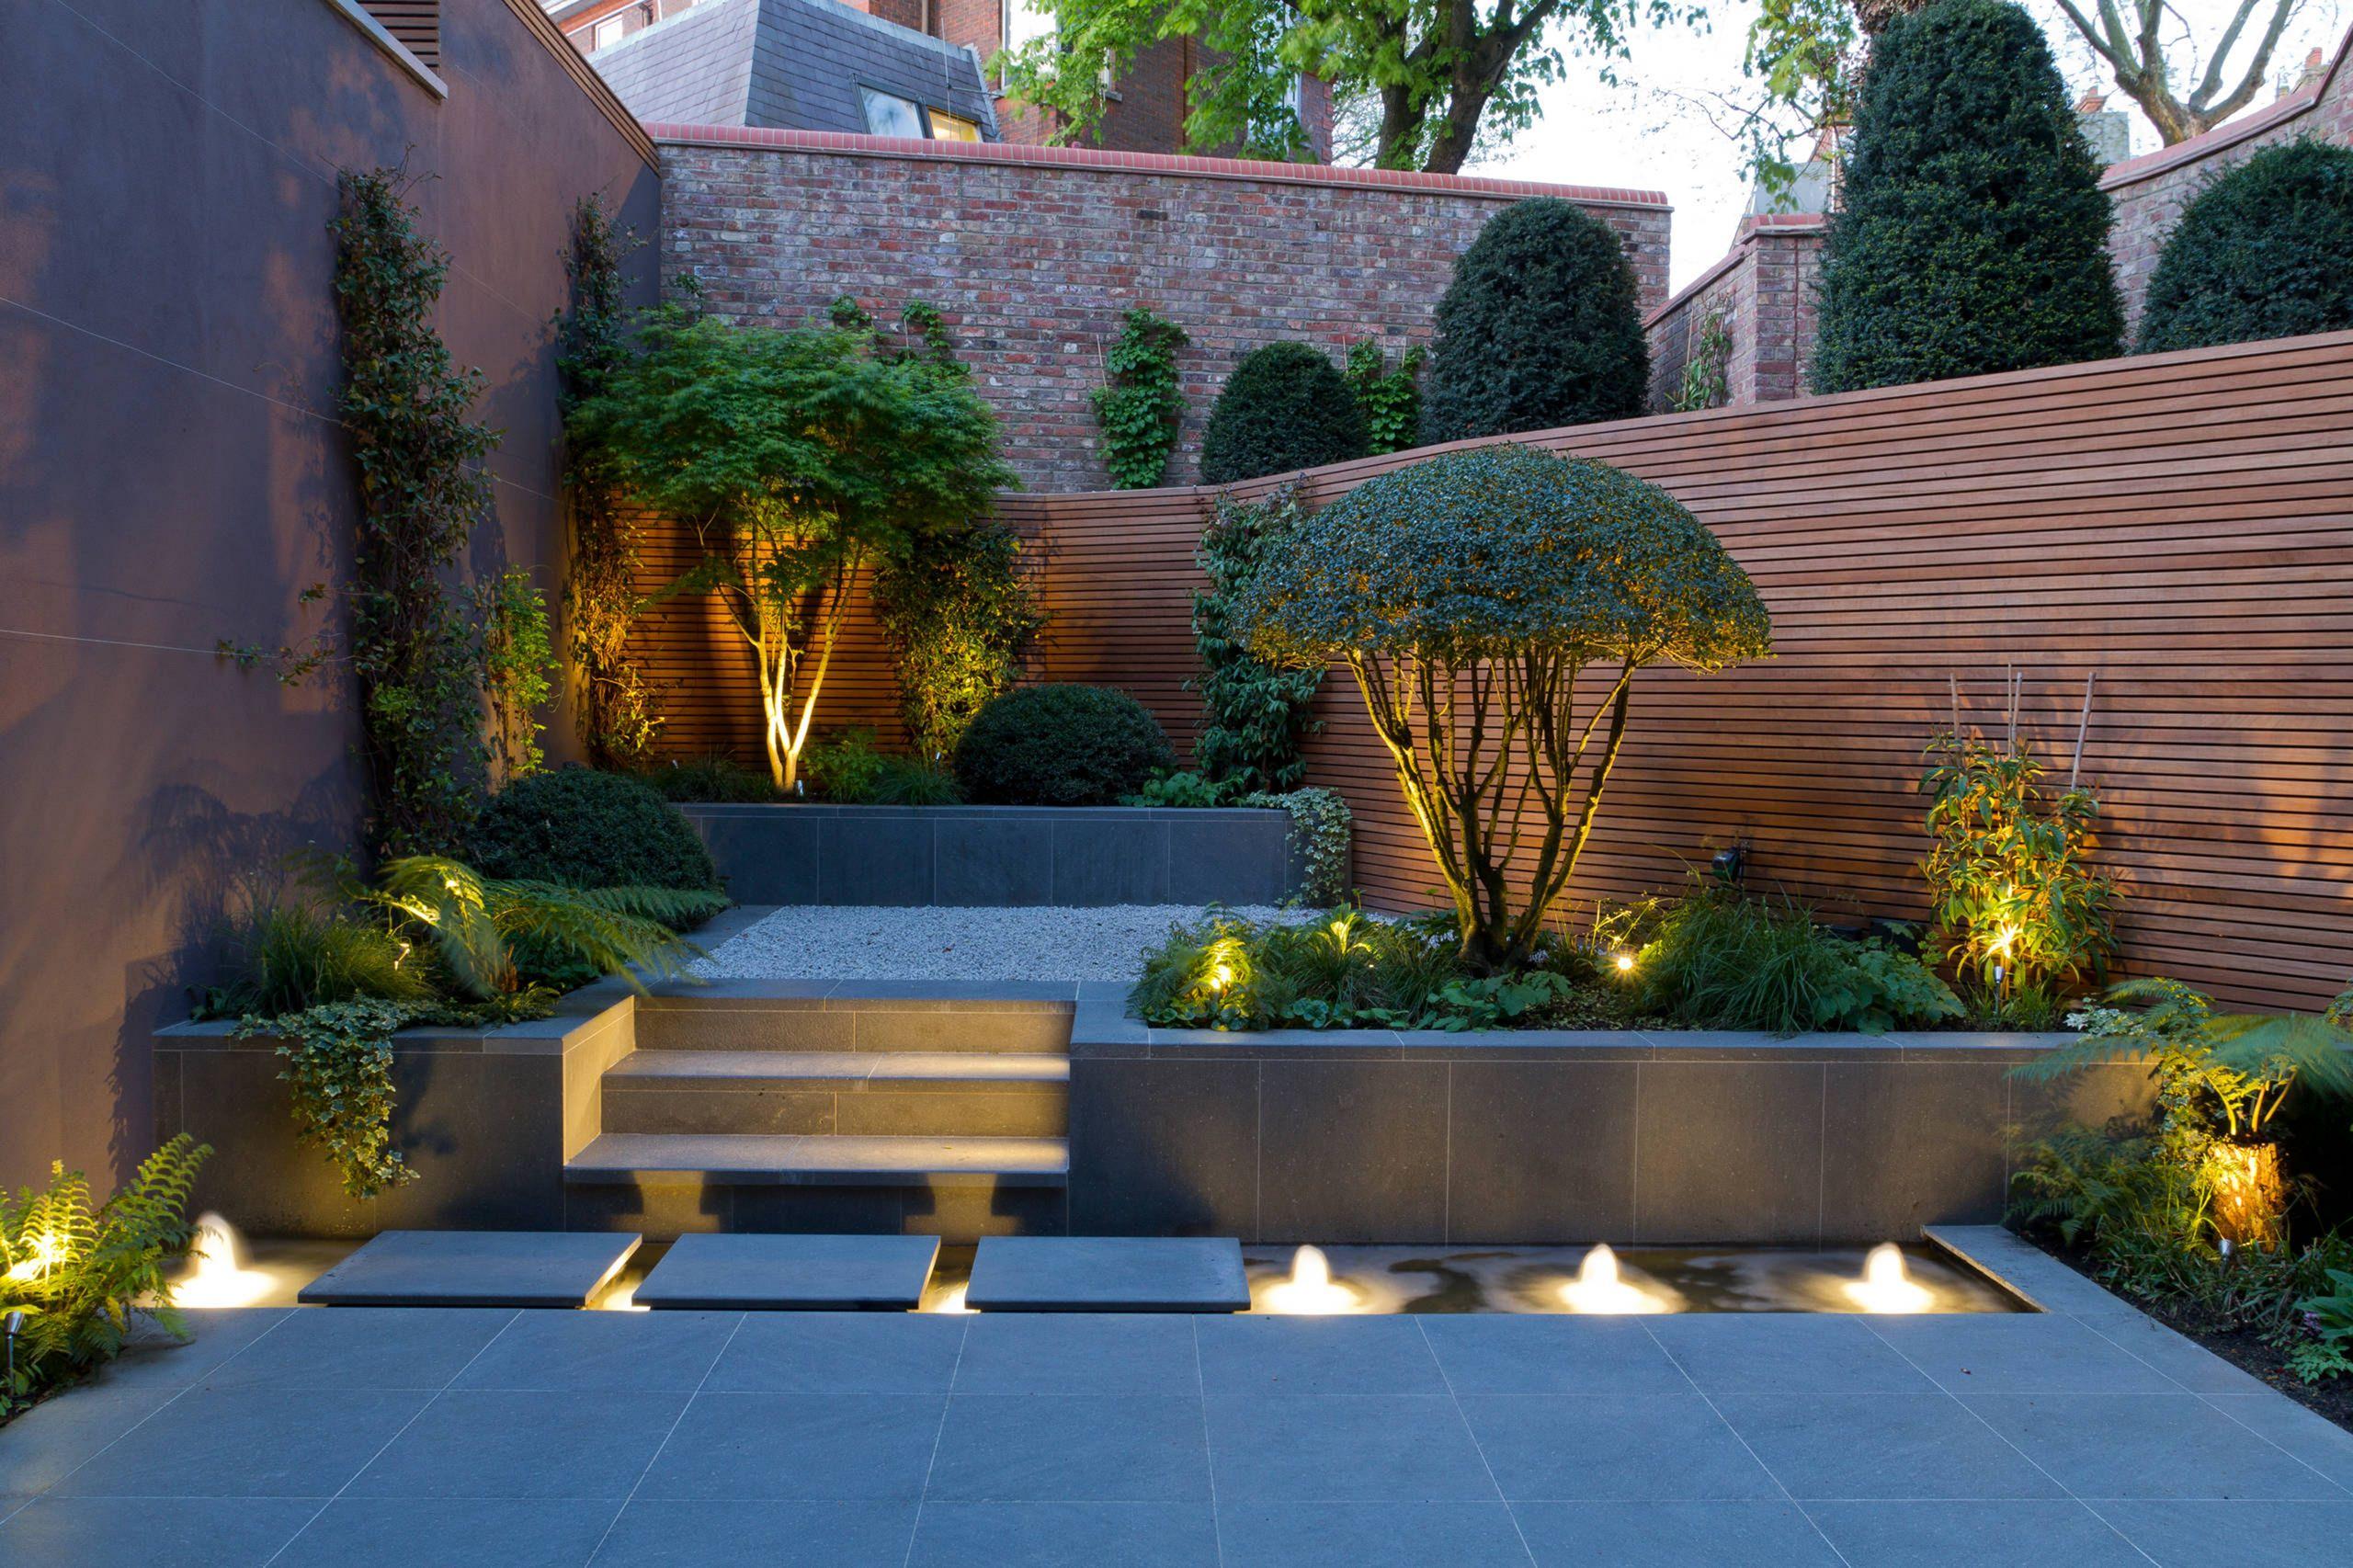 Ландшафтный дизайн сада. Самые красивые идеи оформления приусадебного участка